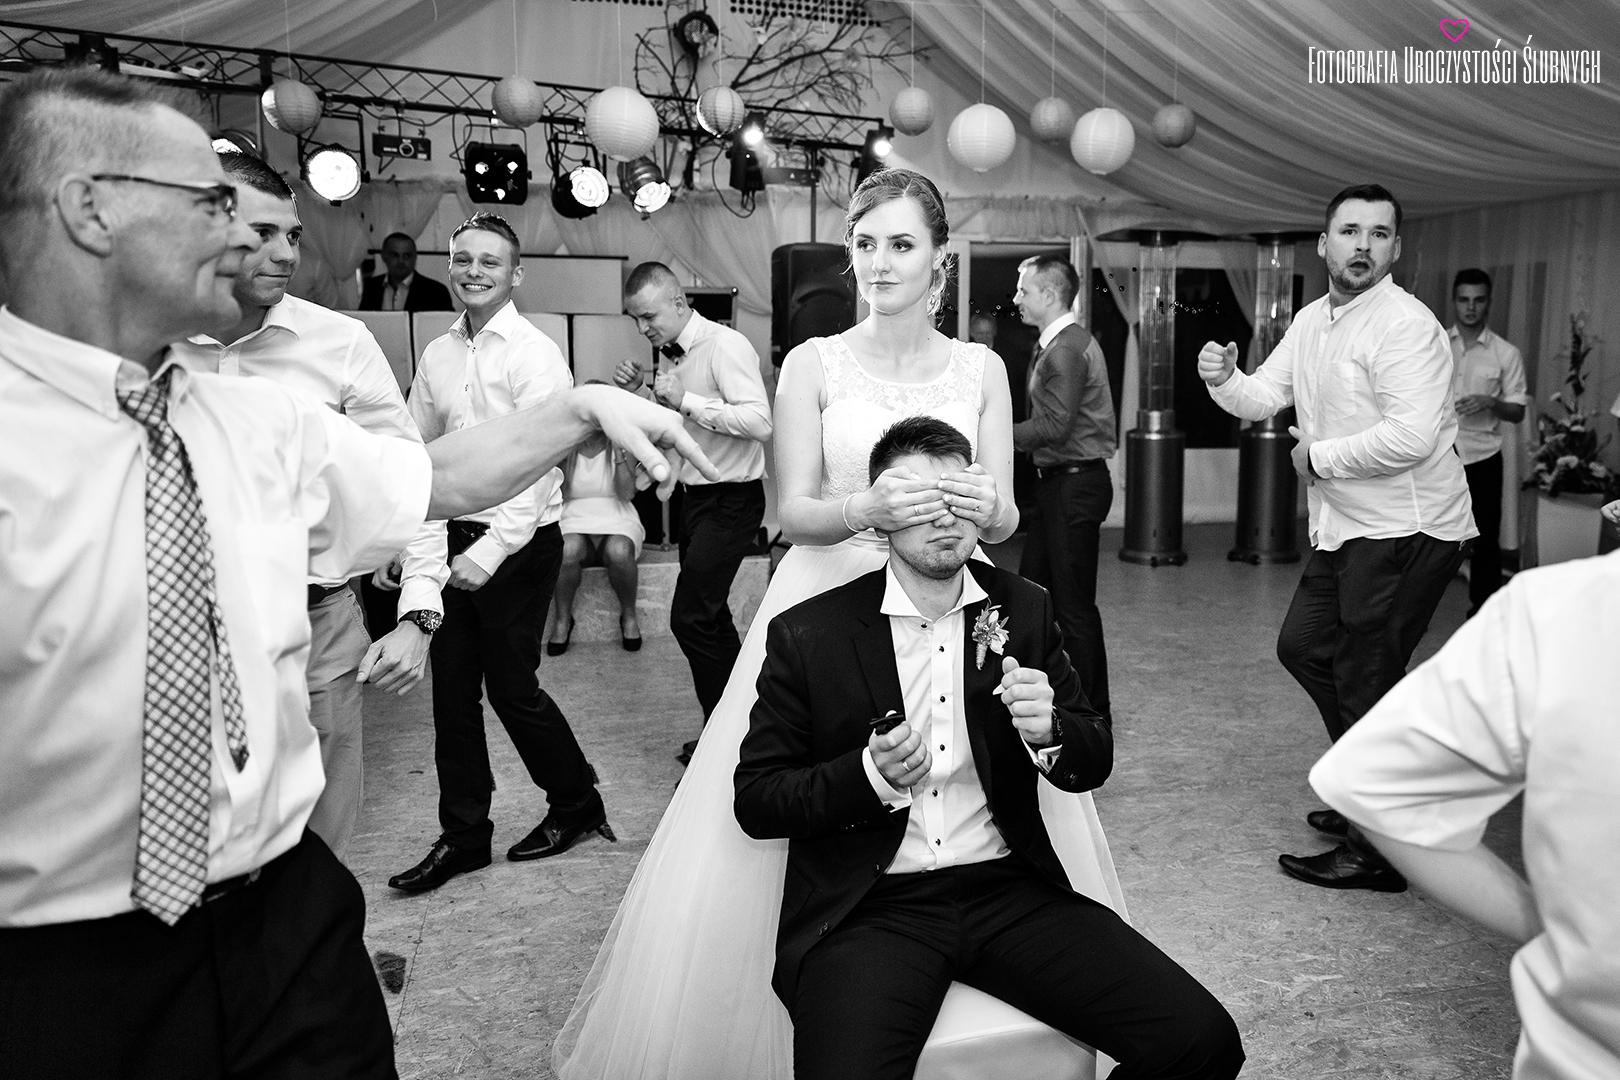 Artystyczna fotografia ślubna - Wesele Lubawka zdjęcia ślubne, reportaże, sesje narzeczeńskie. Zapraszam do obejrzenia fotorelacji ze ślubu Aldony i Dymitra.